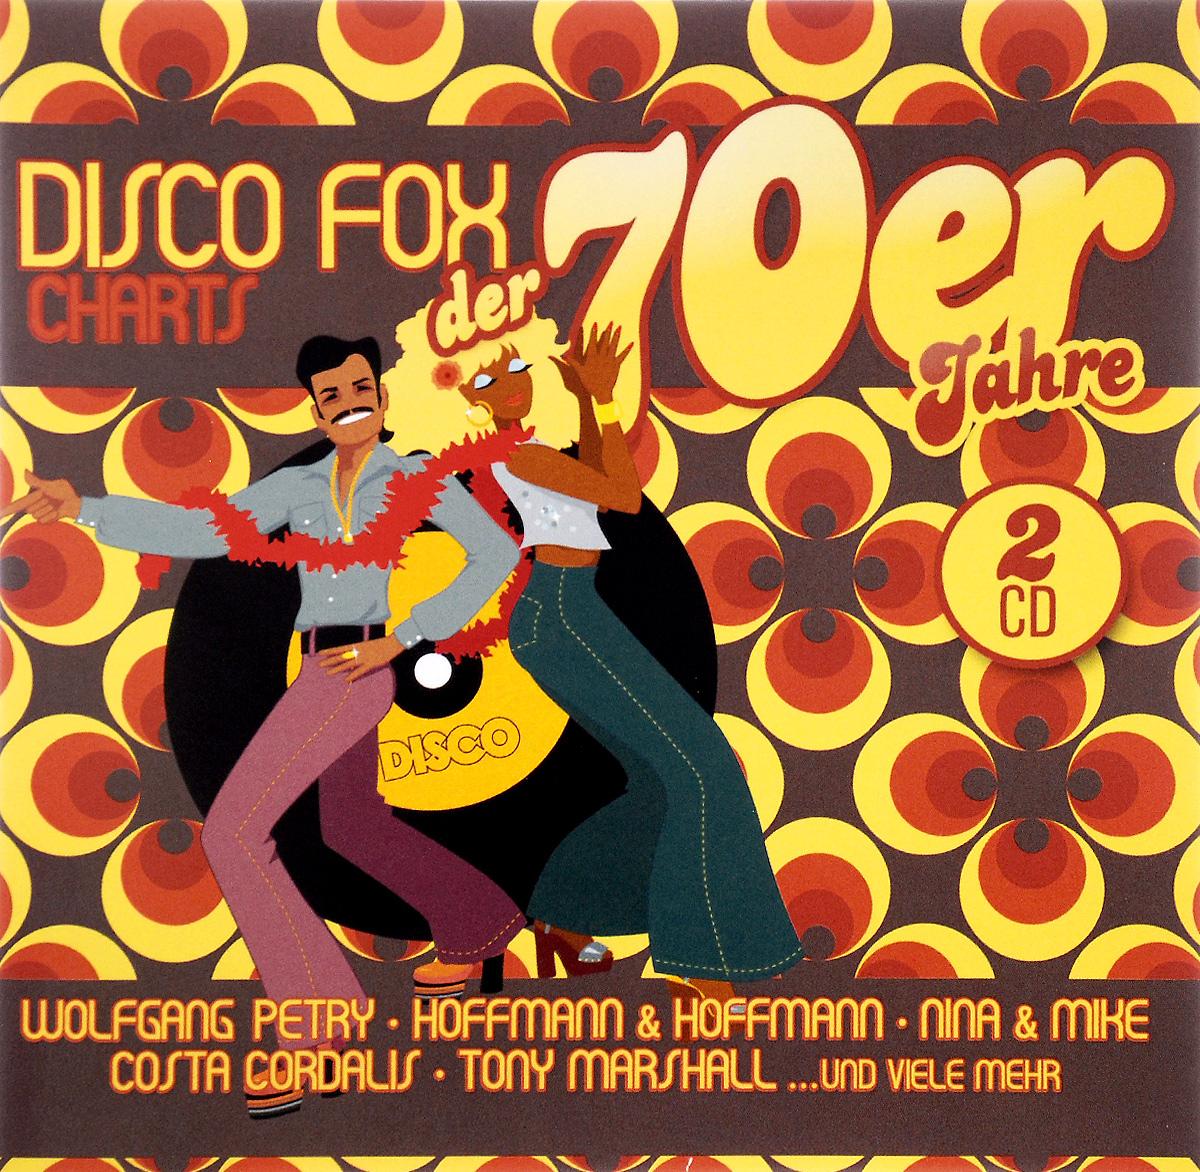 Disco Fox Charts Der 70er. Jahre (2 CD)